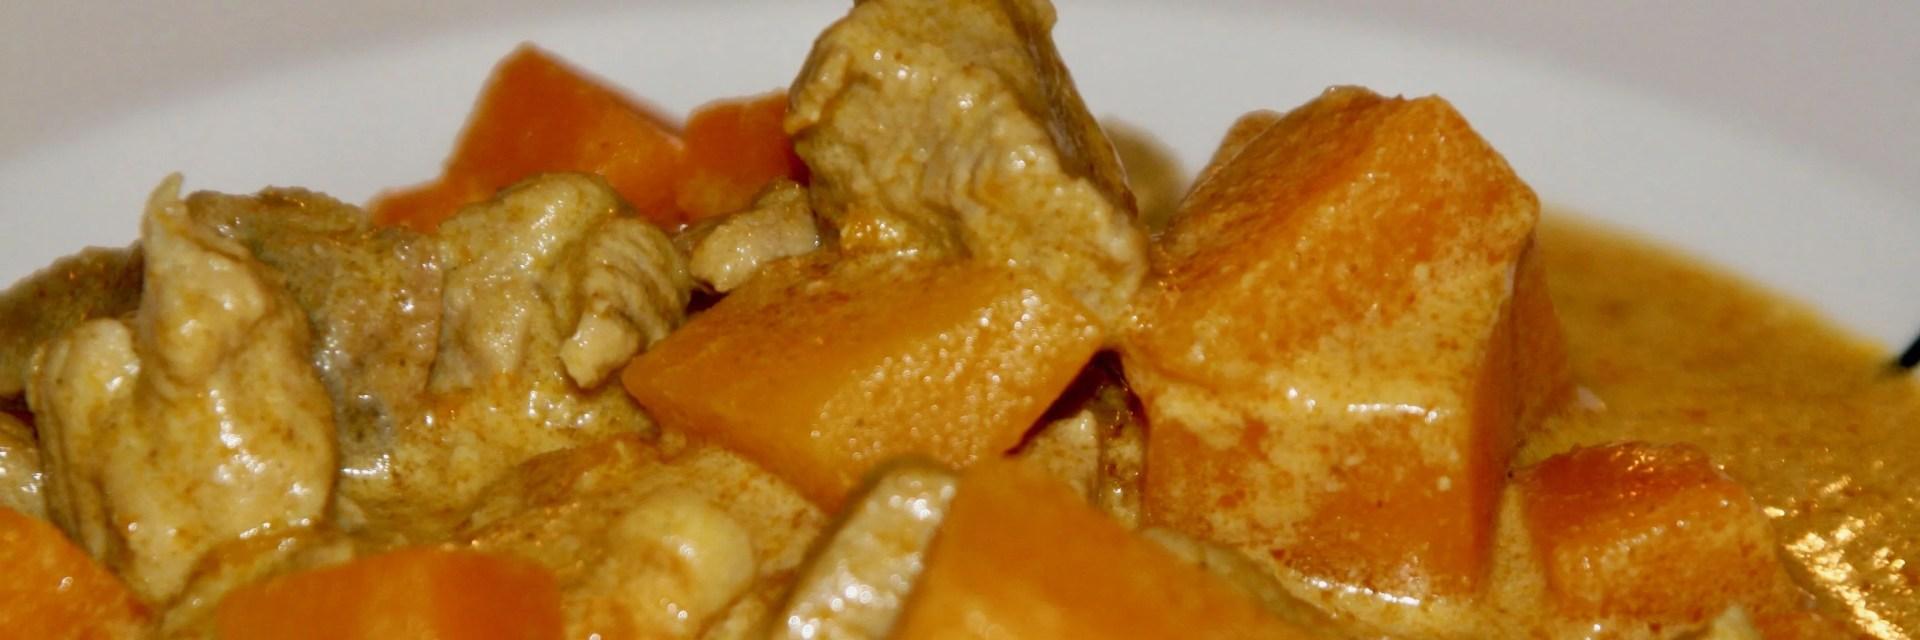 Thai pumpkin curry with pork